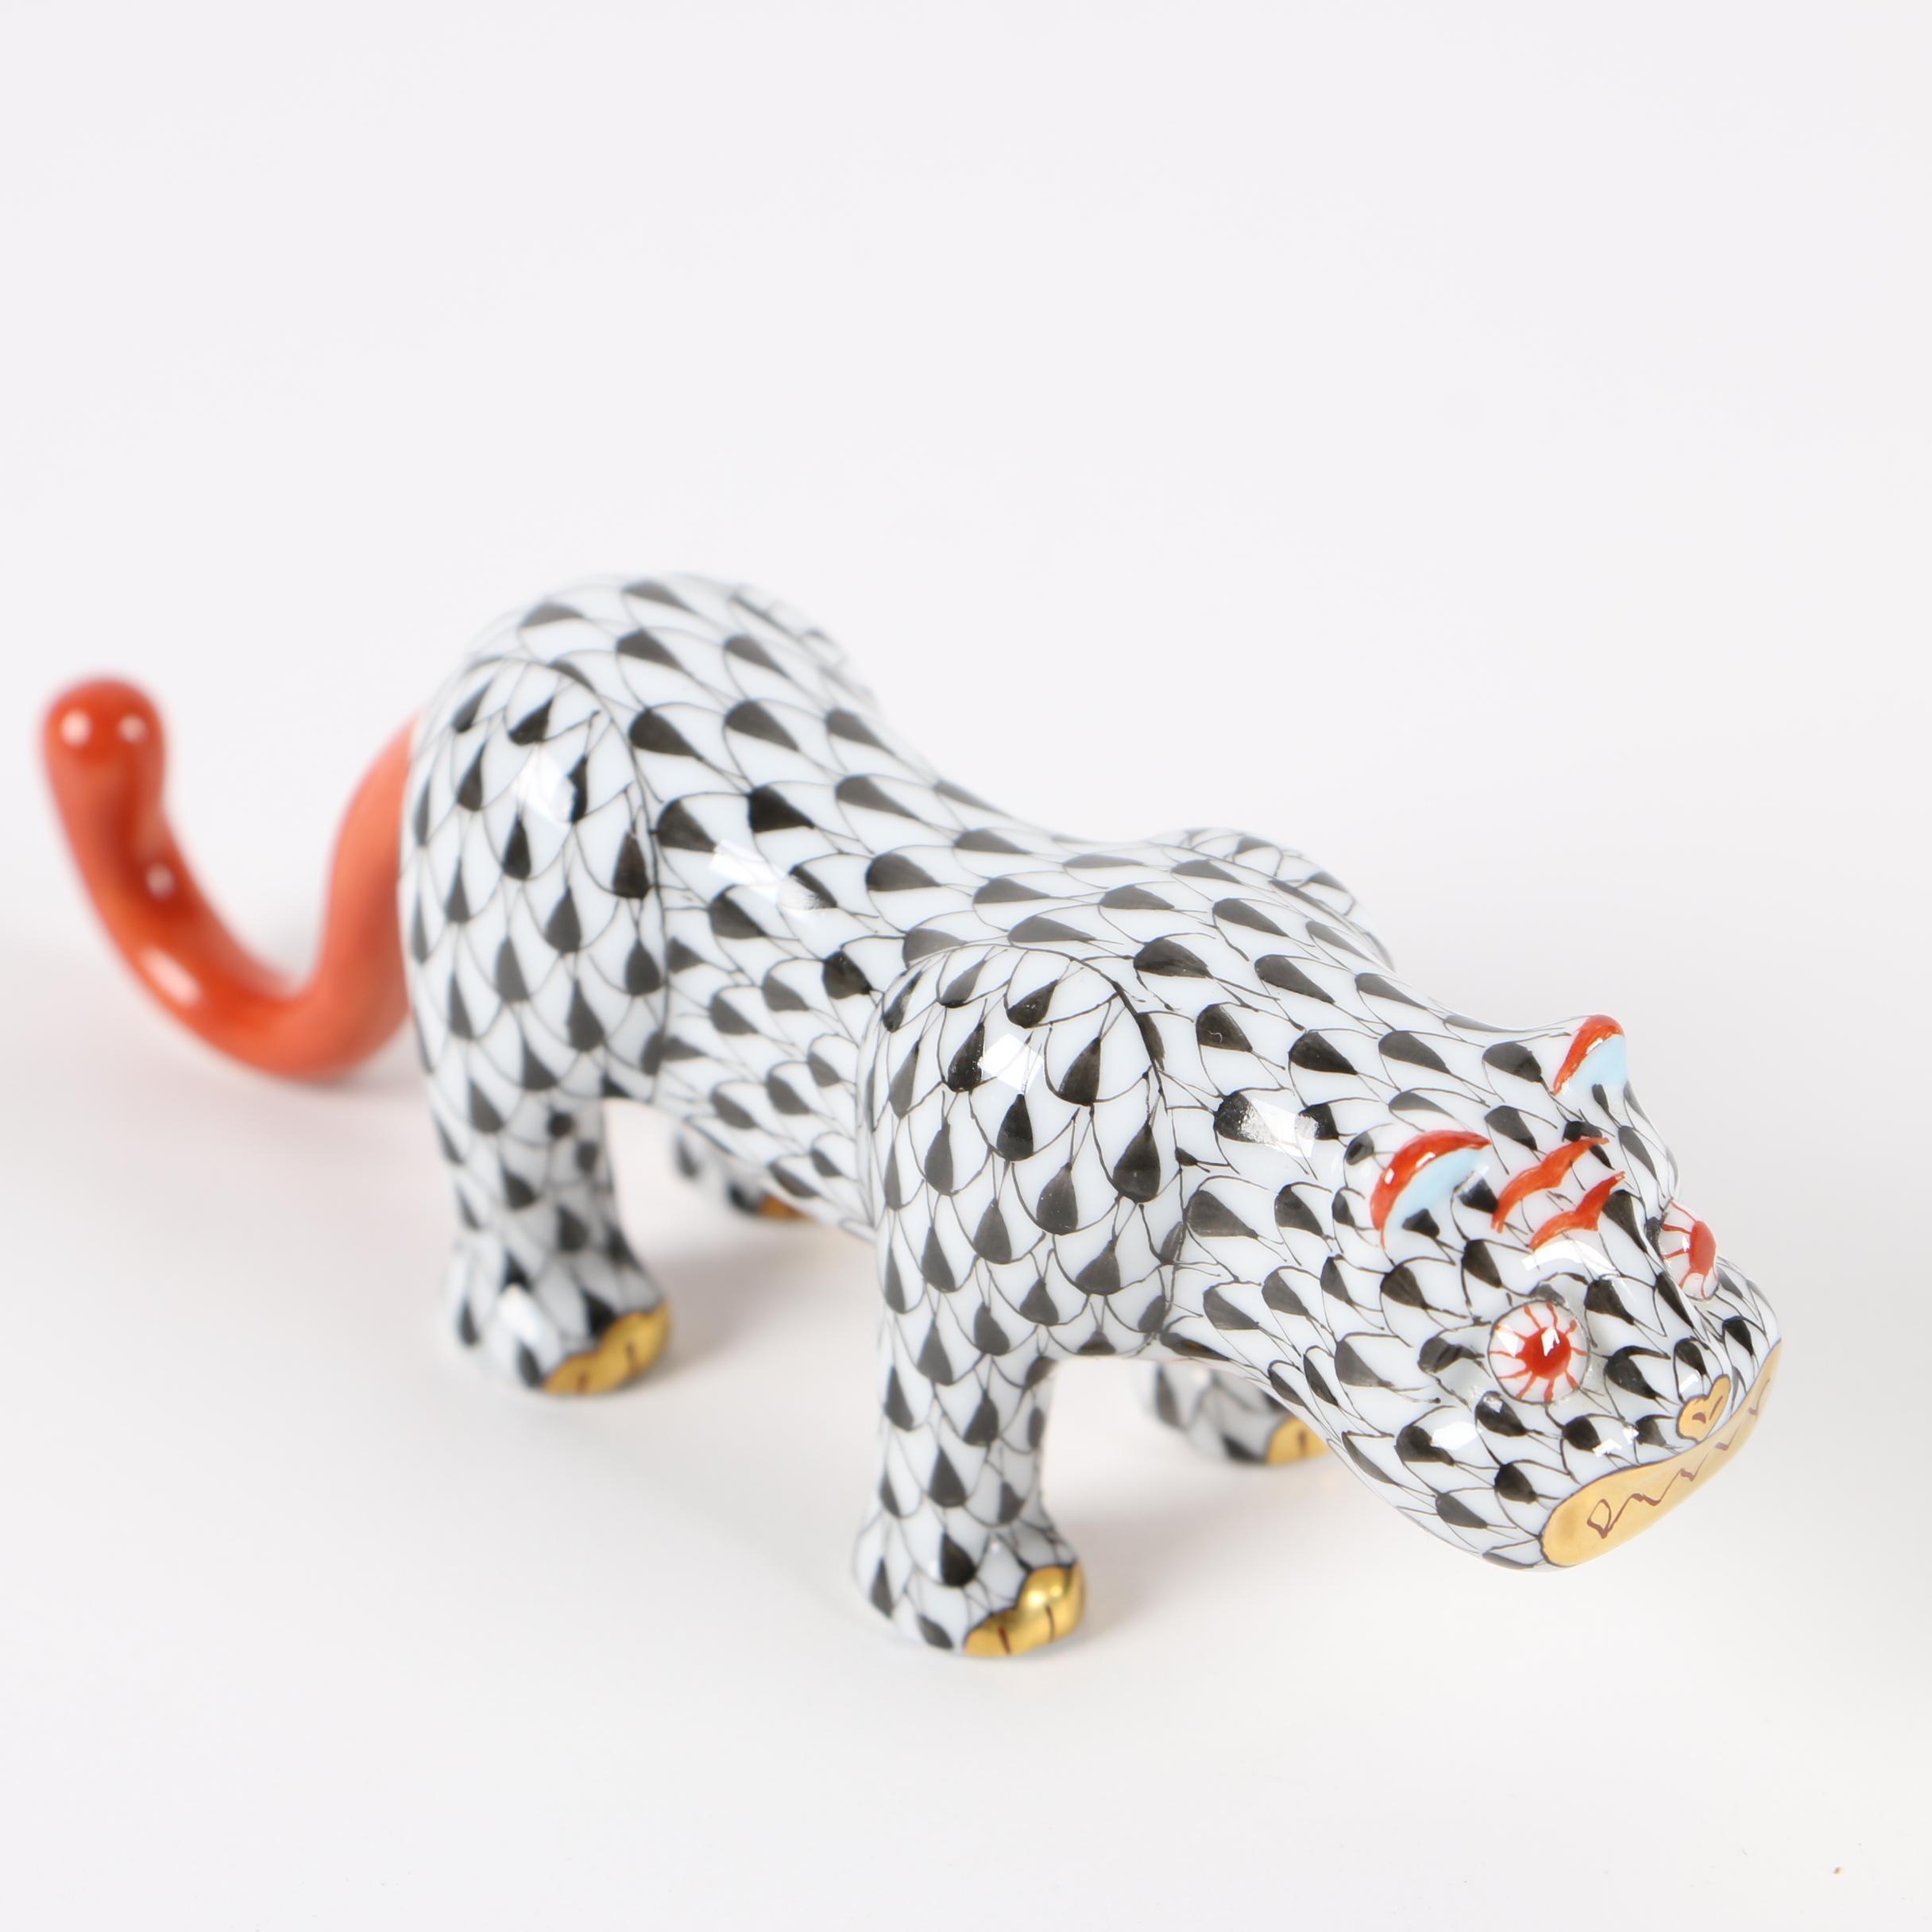 """Herend Black Fishnet """"Big Cat"""" Porcelain Figurine, 2010"""